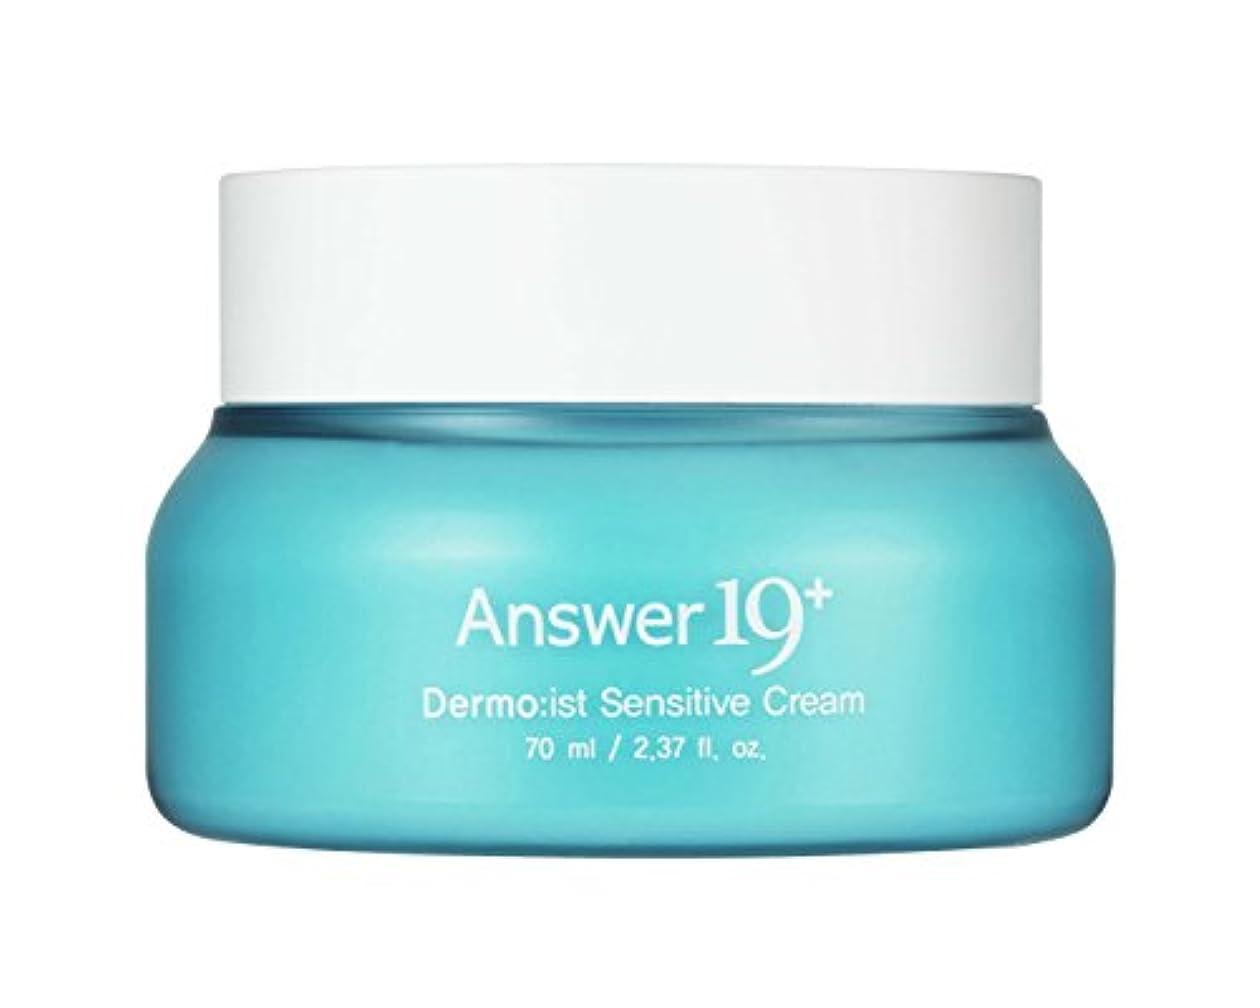 錫セットする信仰[ANSWER NINETEEN +] 感受性クリーム - 敏感肌のための深いモイスチャライジング、鎮静効果。 天然スーパーフード成分、パンテノール(ビタミンB5)、ベータグルカン、ヒアルロン酸、70ml